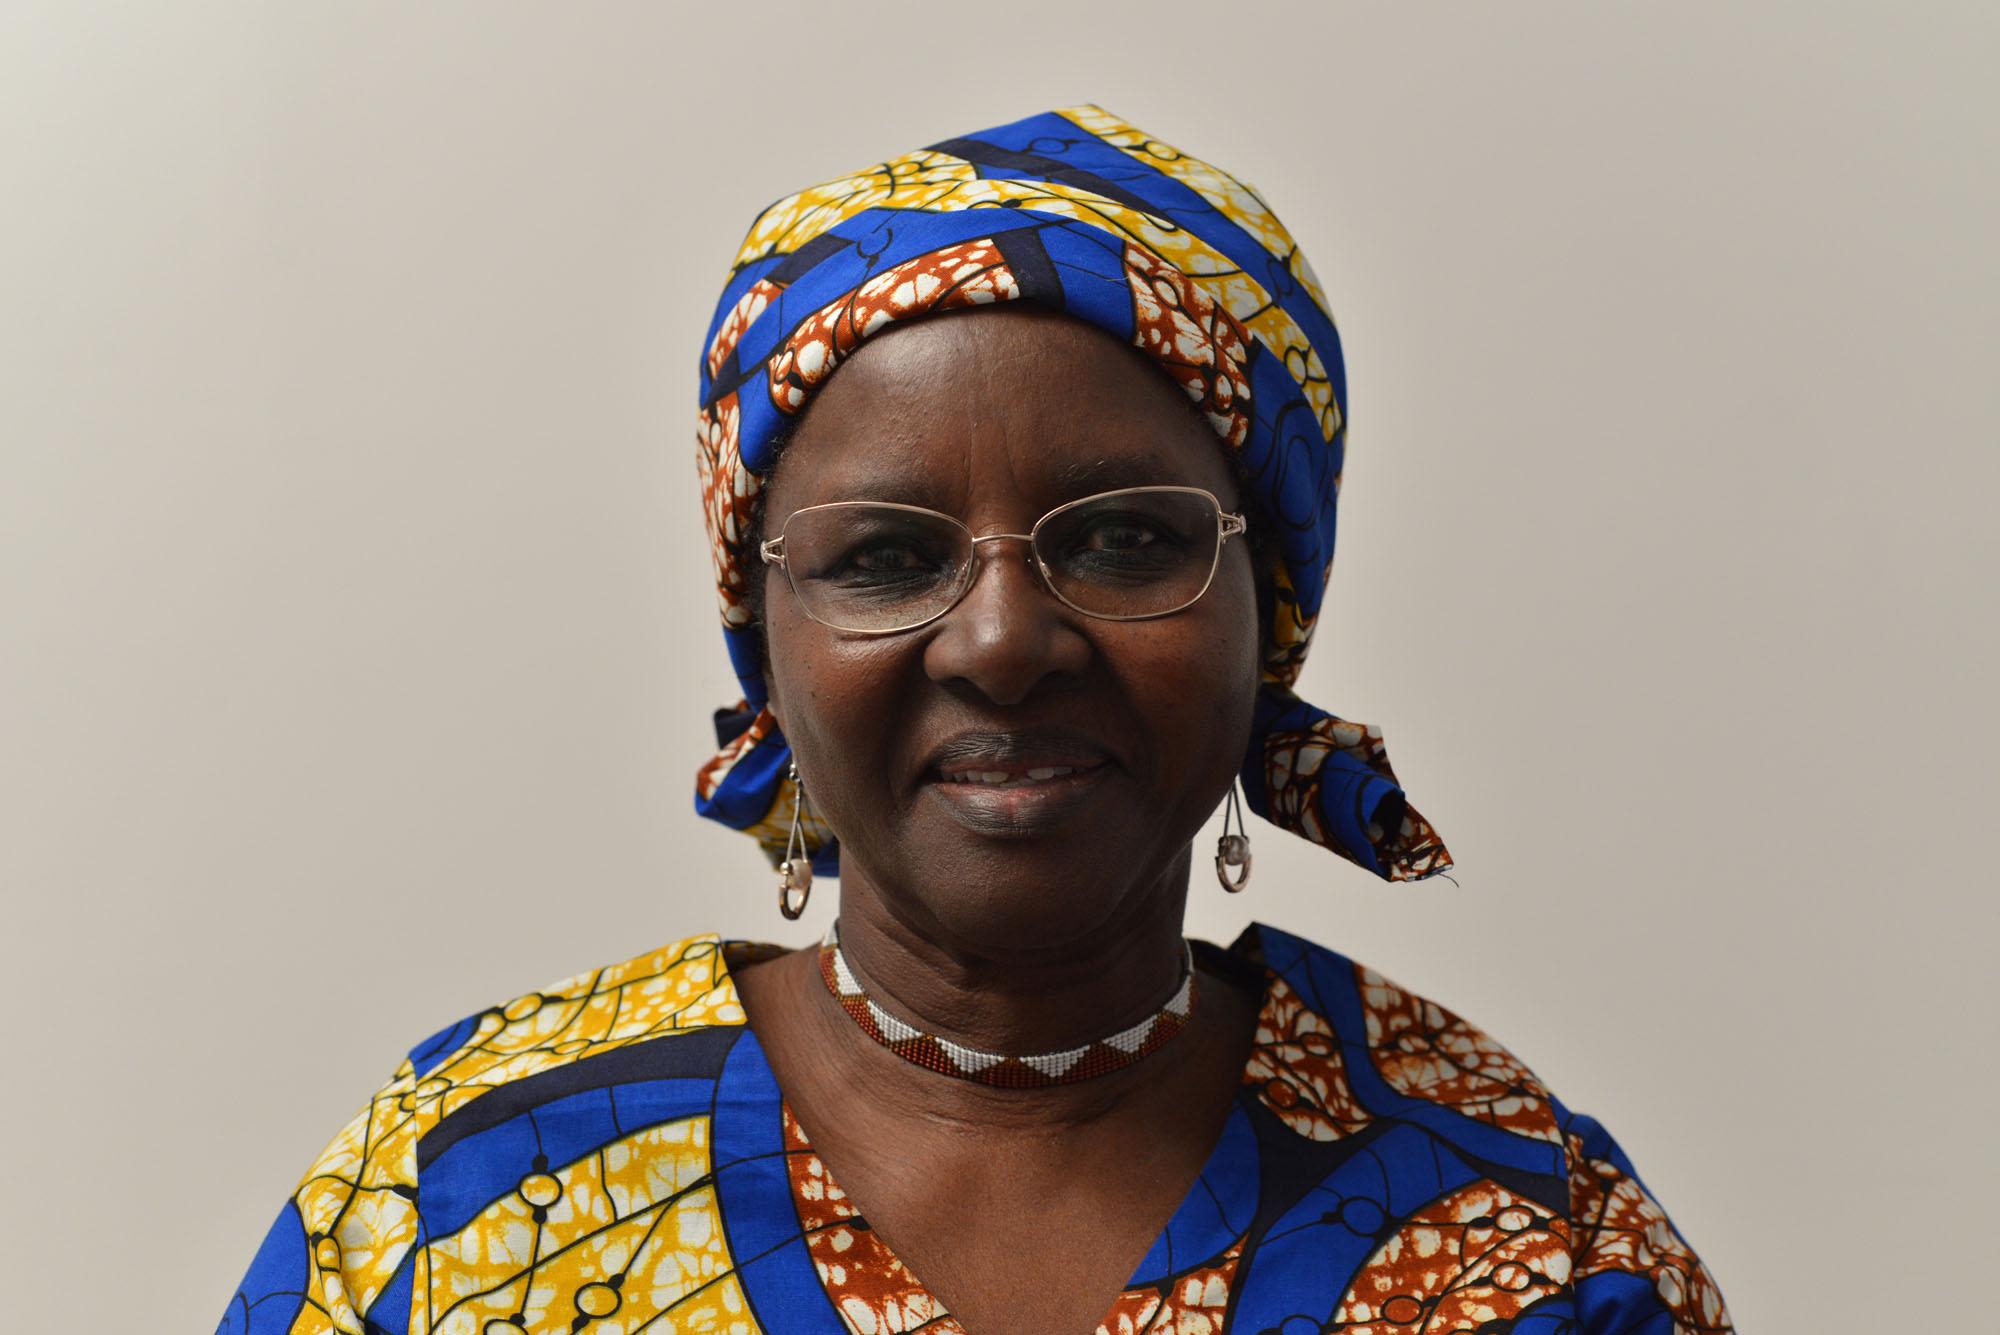 Gros plan sur une femme rwandaise portant un habit tradtionnel